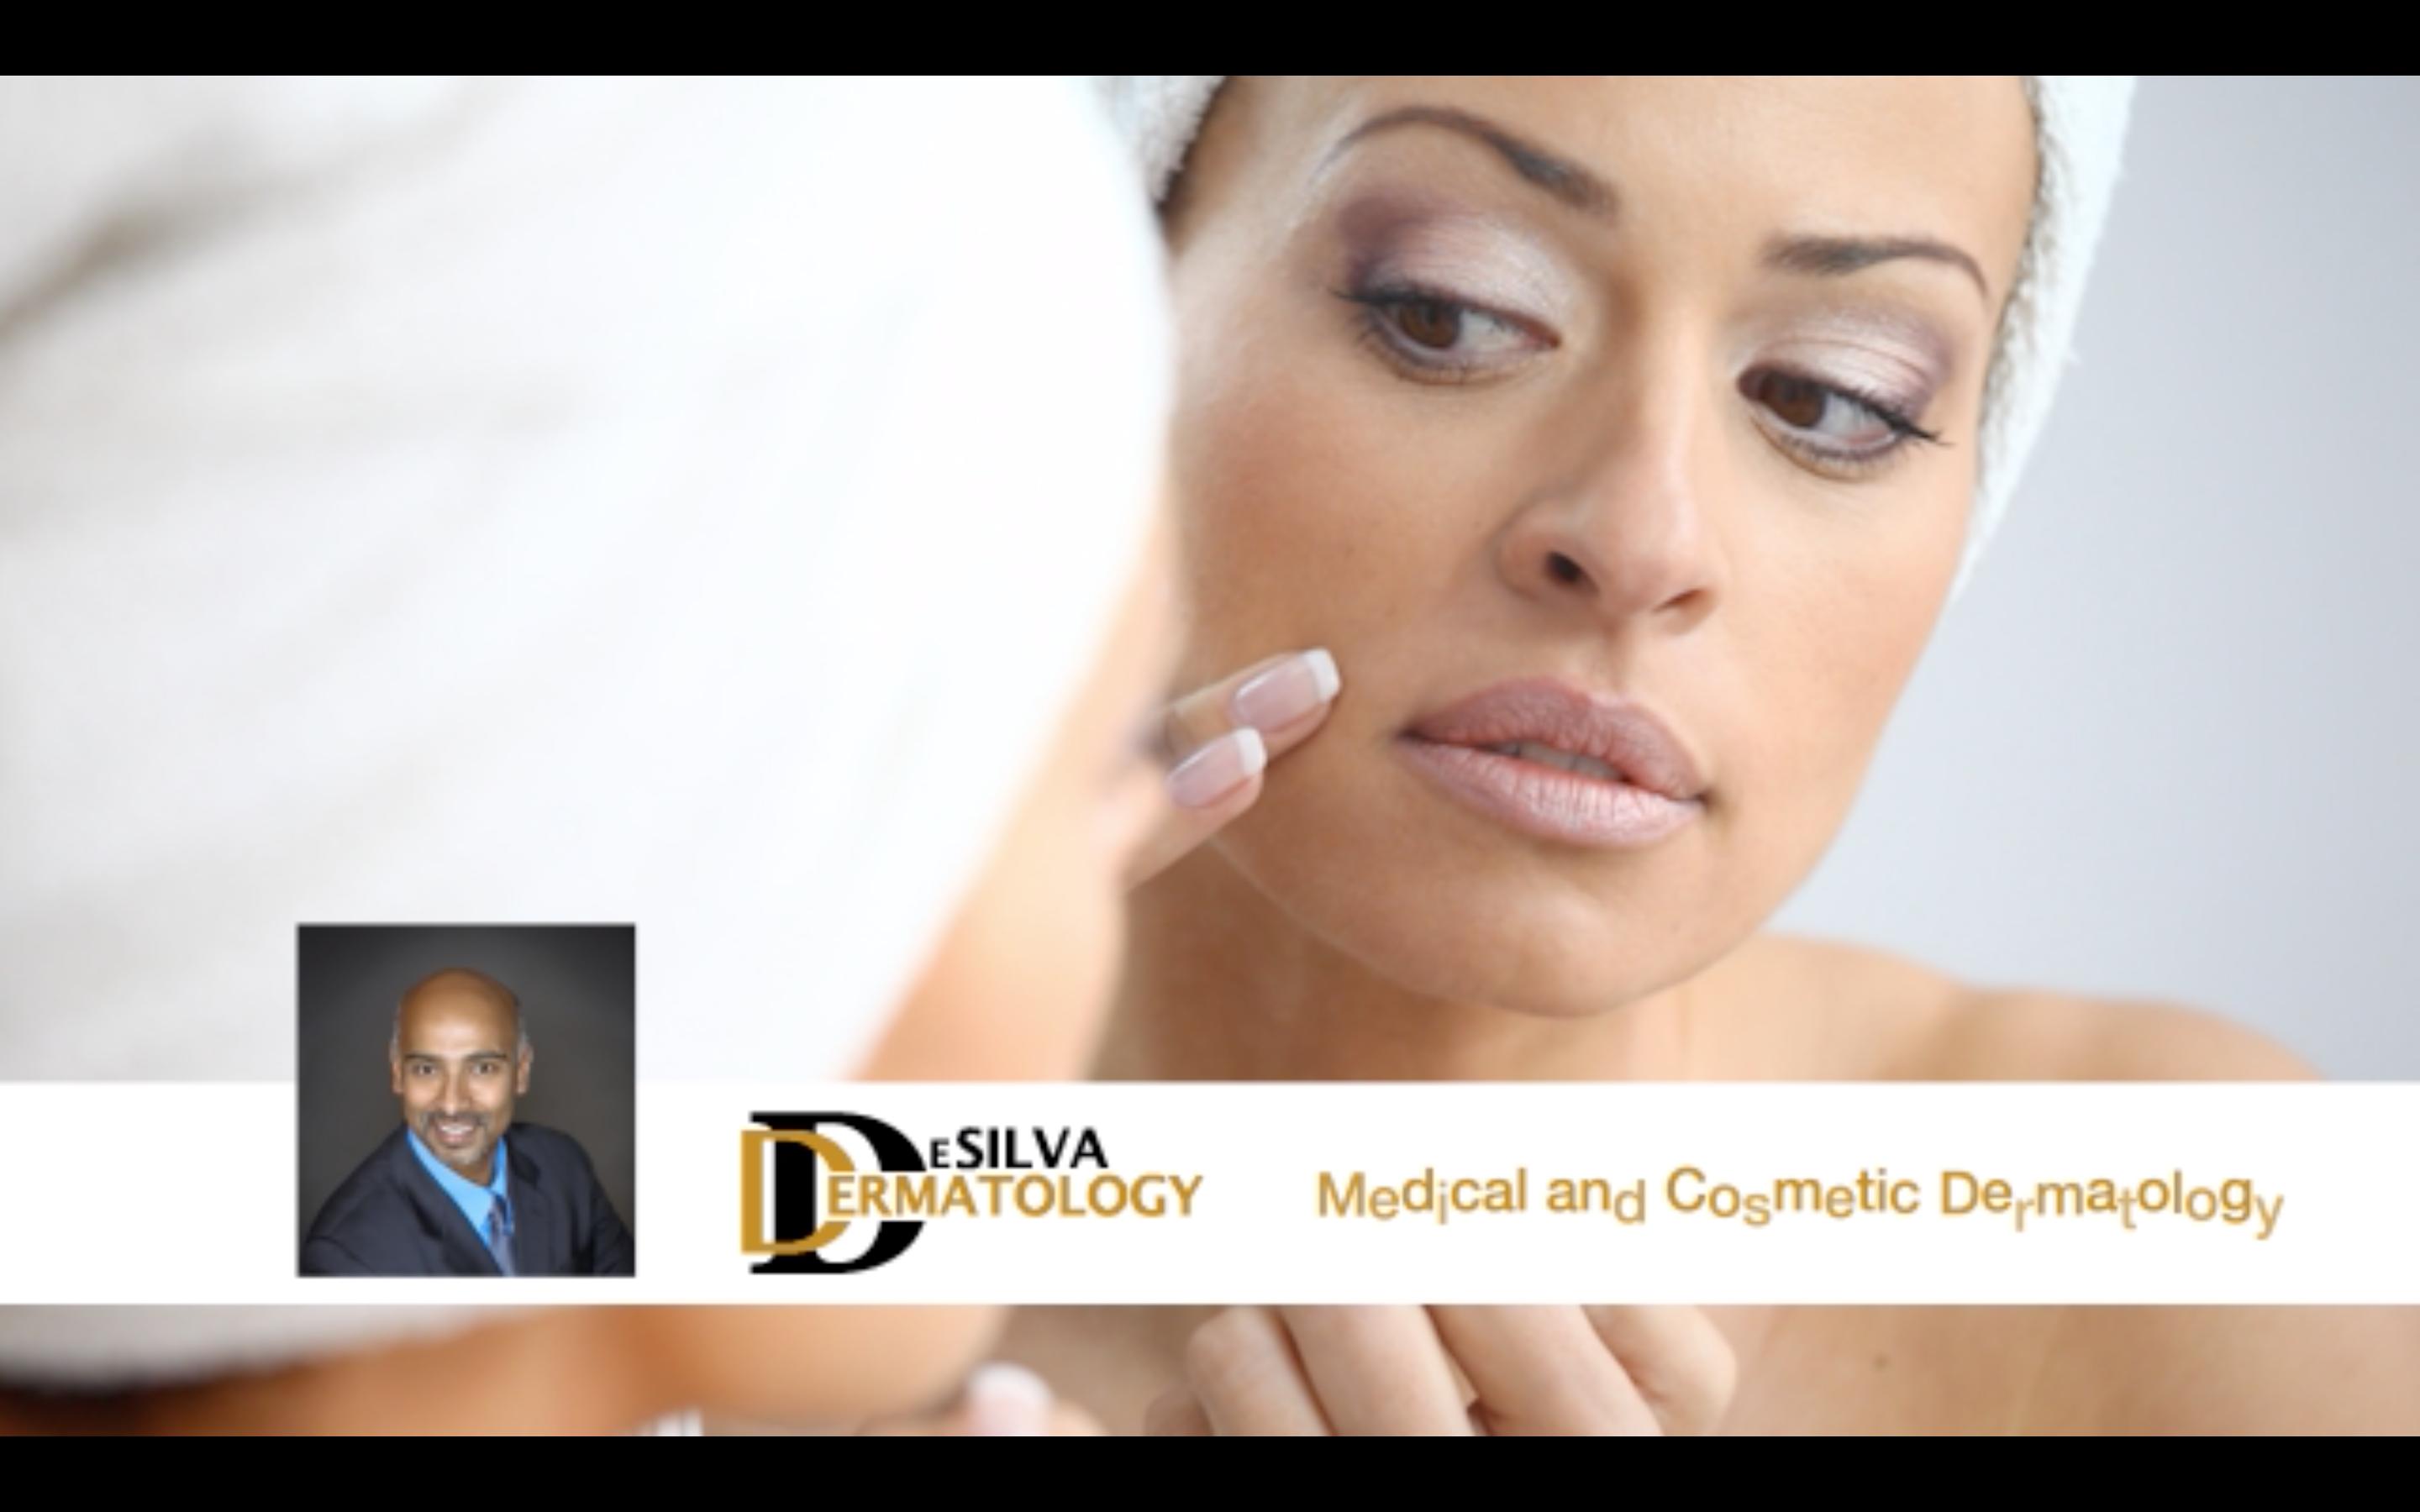 DeSilva Dermatology - San Antonio & Boerne Dermatologist